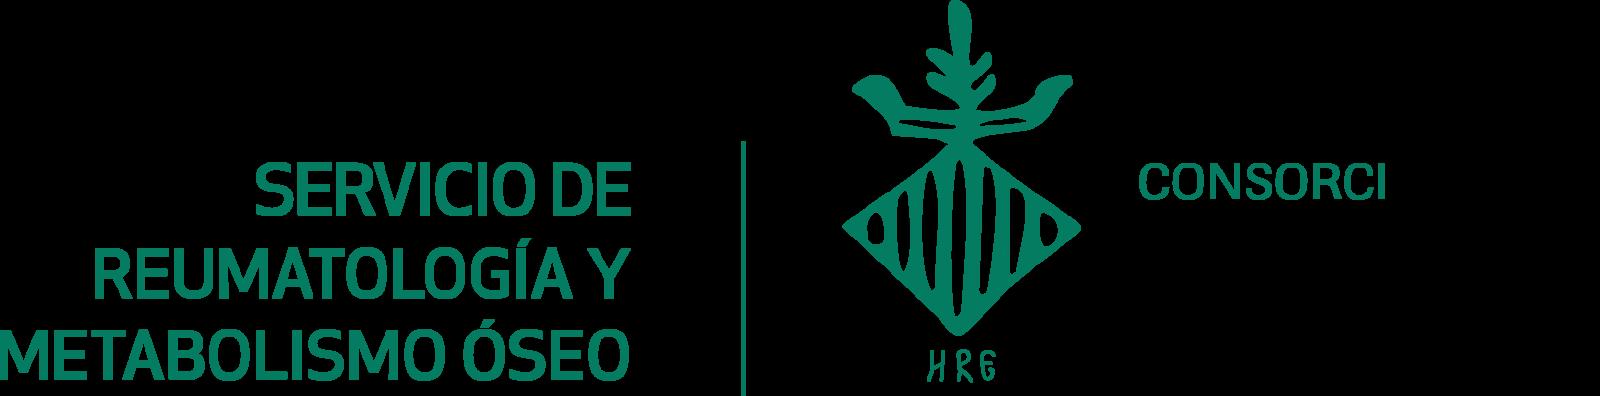 Servicio Reumatología y Metabolismo Óseo Consorci Hospital General i Universitari de València